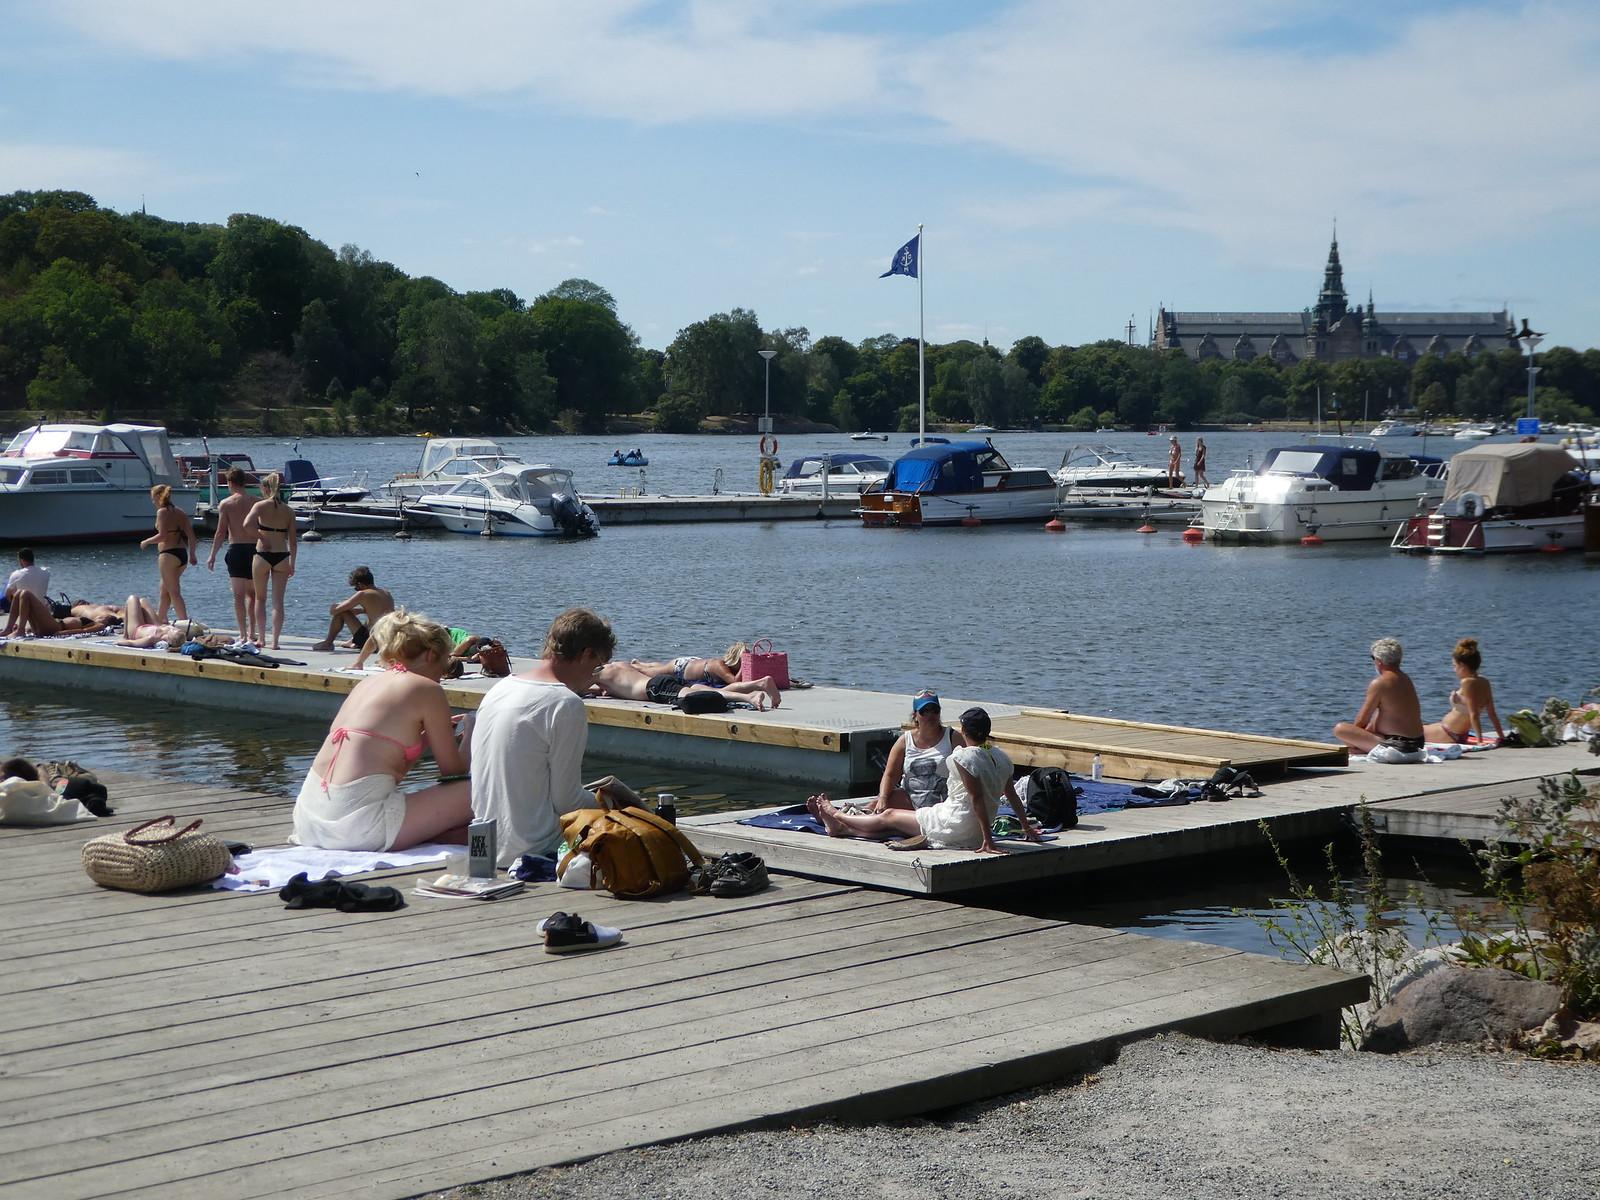 DjurgårdenStockholm